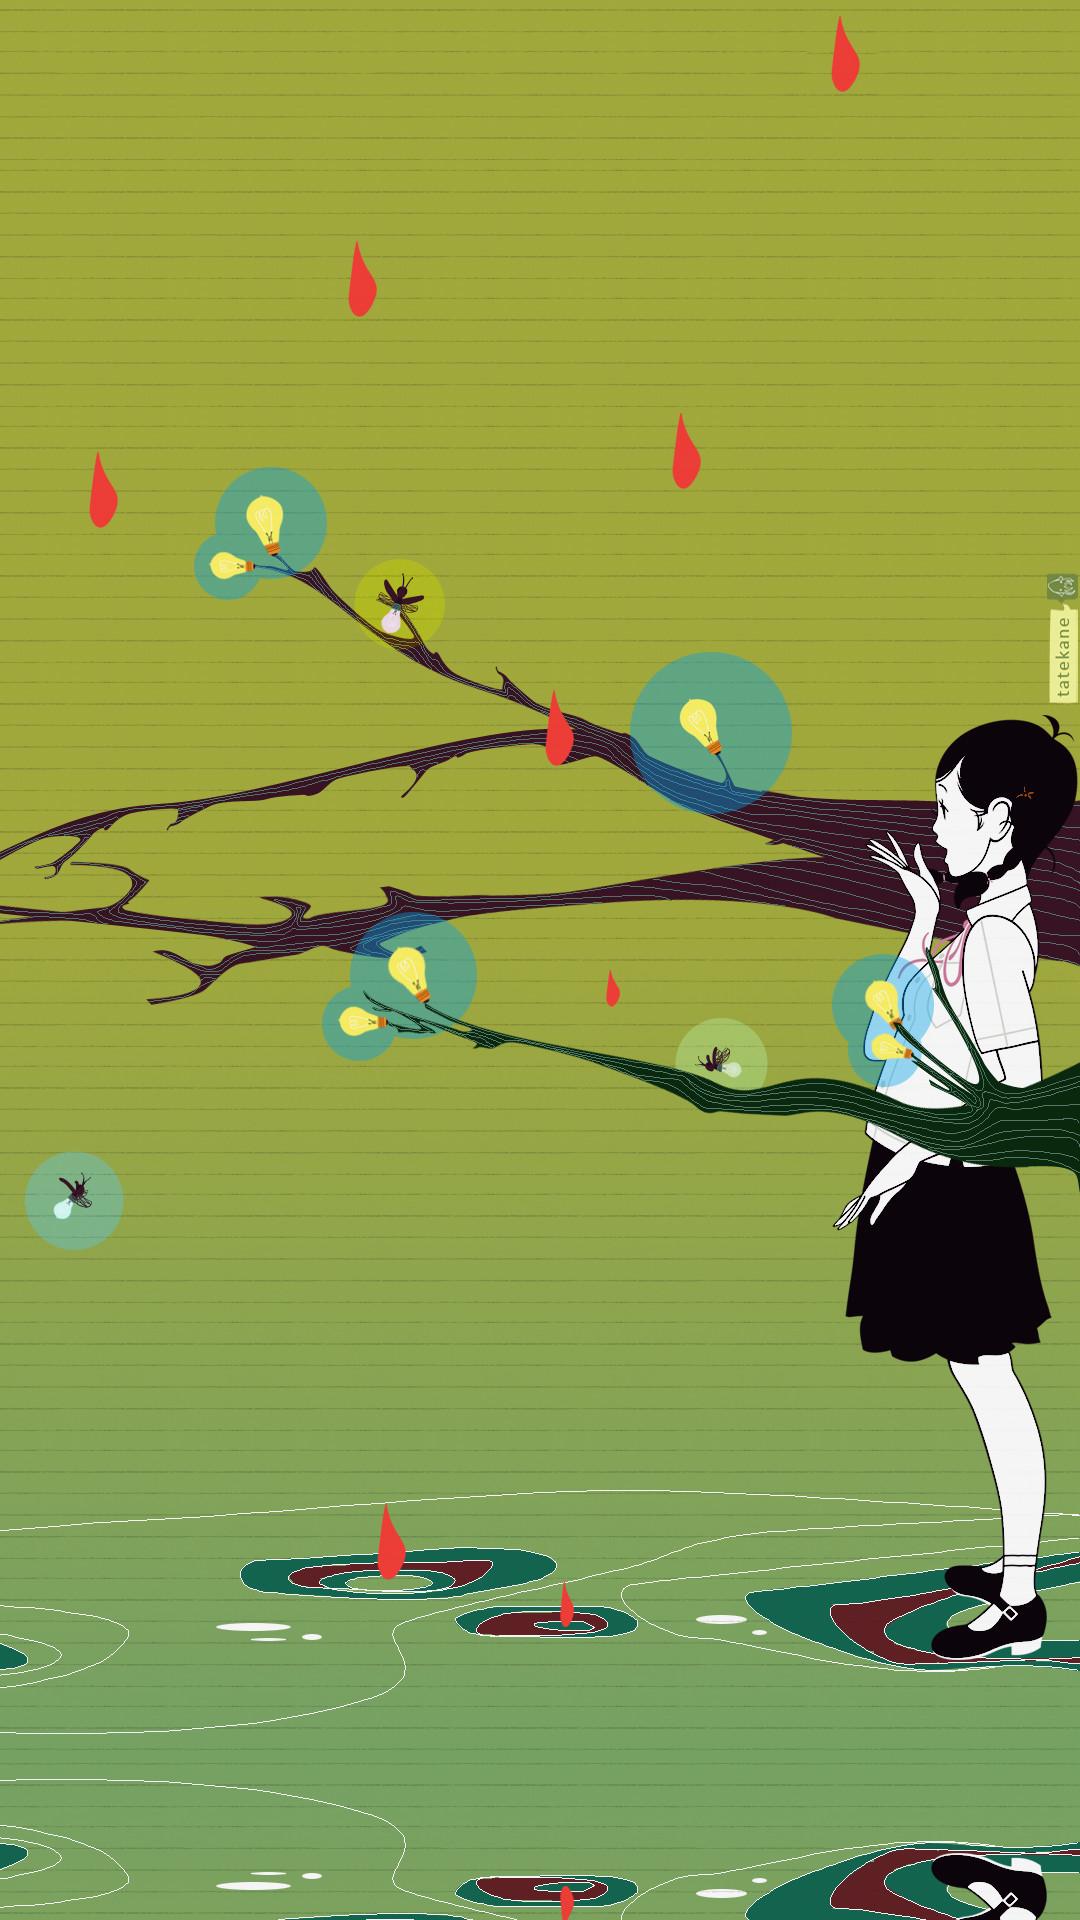 Mobile Wallpaper of Art by Yusuke Nakamura [x-post from /r/wallpapers] …